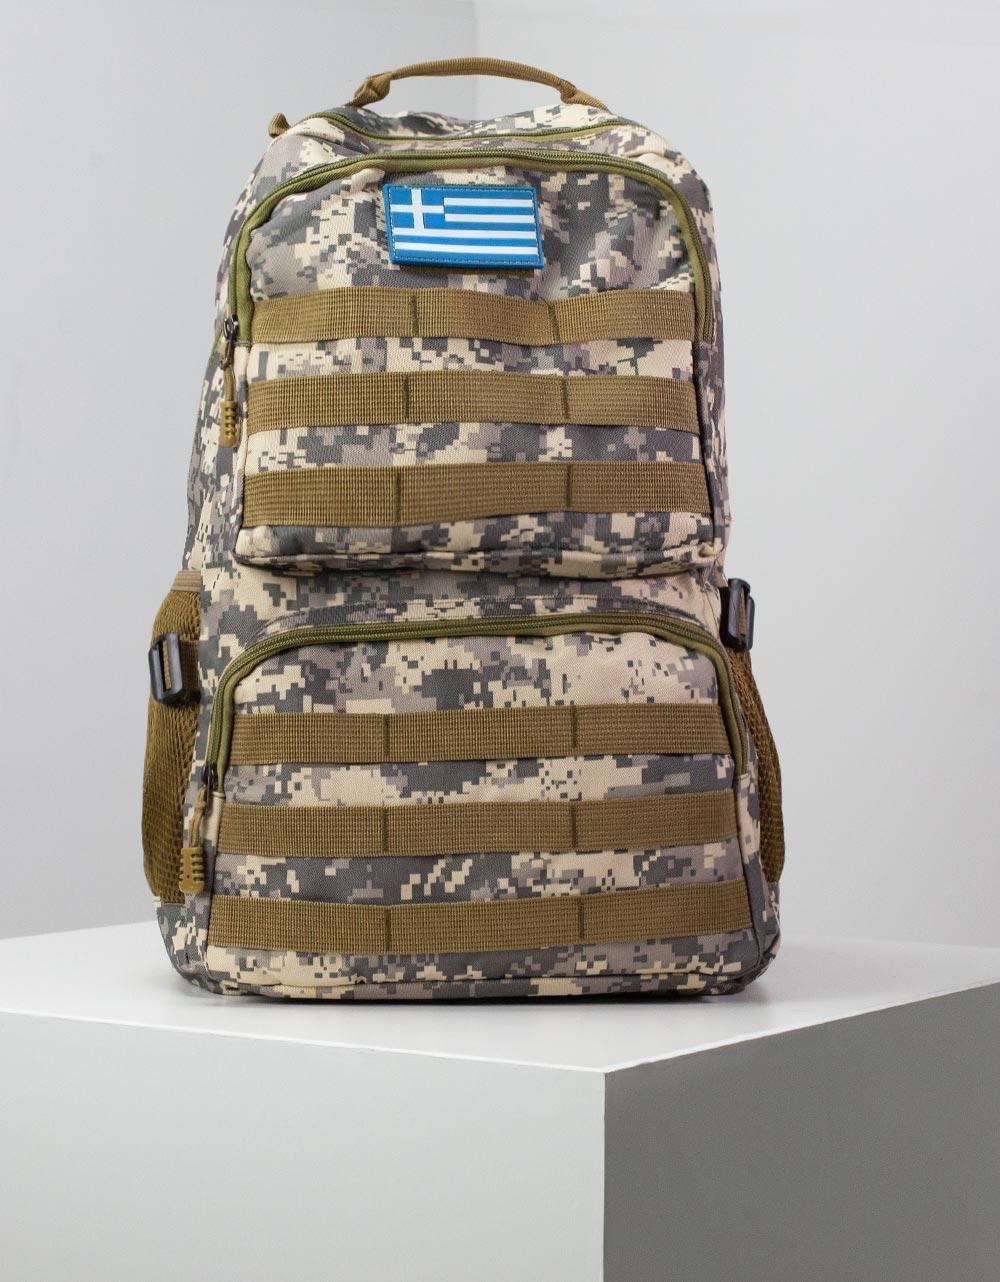 Εικόνα από Ανδρικά σακίδια πλάτης με εξωτερικές θήκες Παραλλαγής